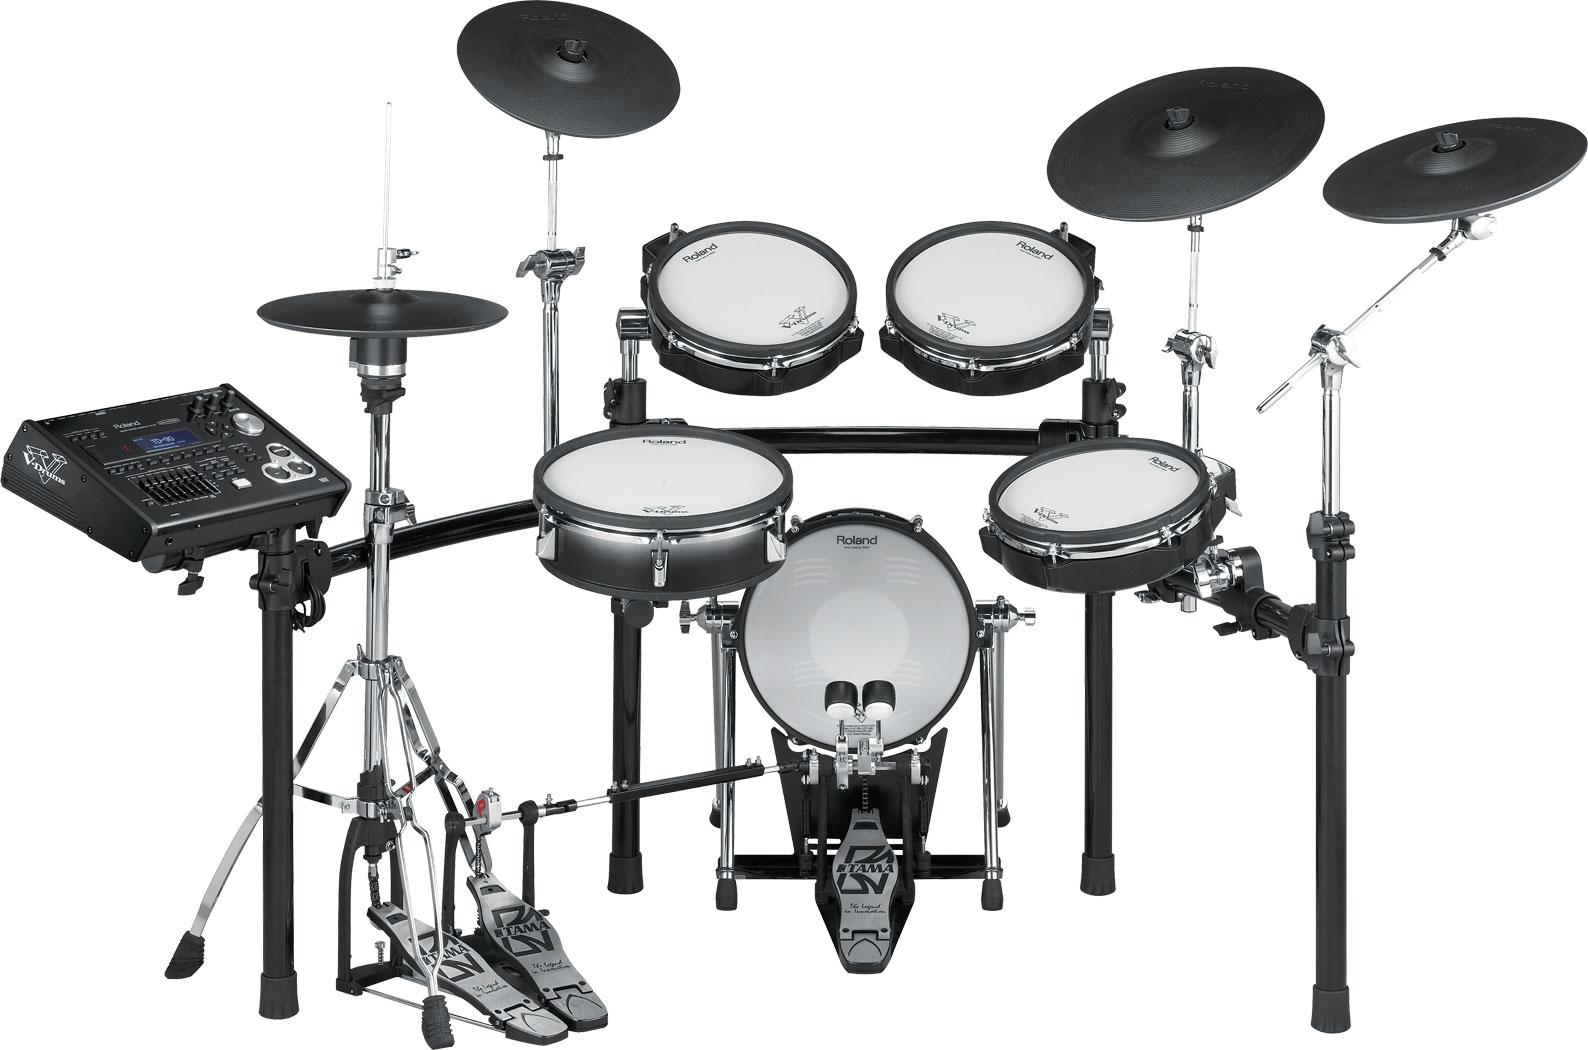 The Roland TD-30K Drum Set